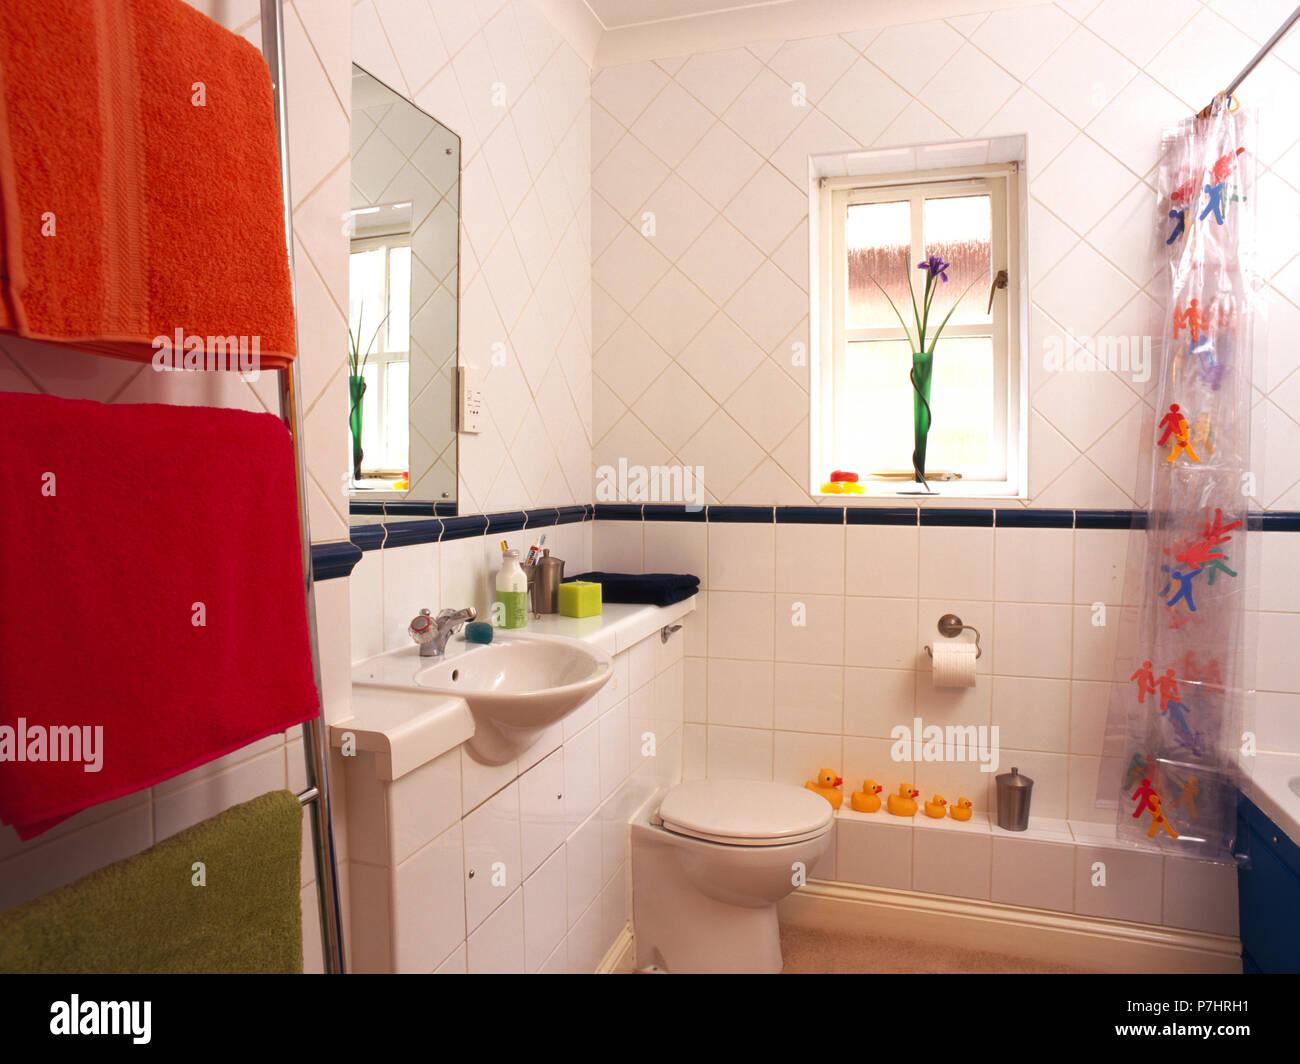 Bagni Piastrelle Bianche : In piastrelle bianche degli anni novanta bagno con asciugamani